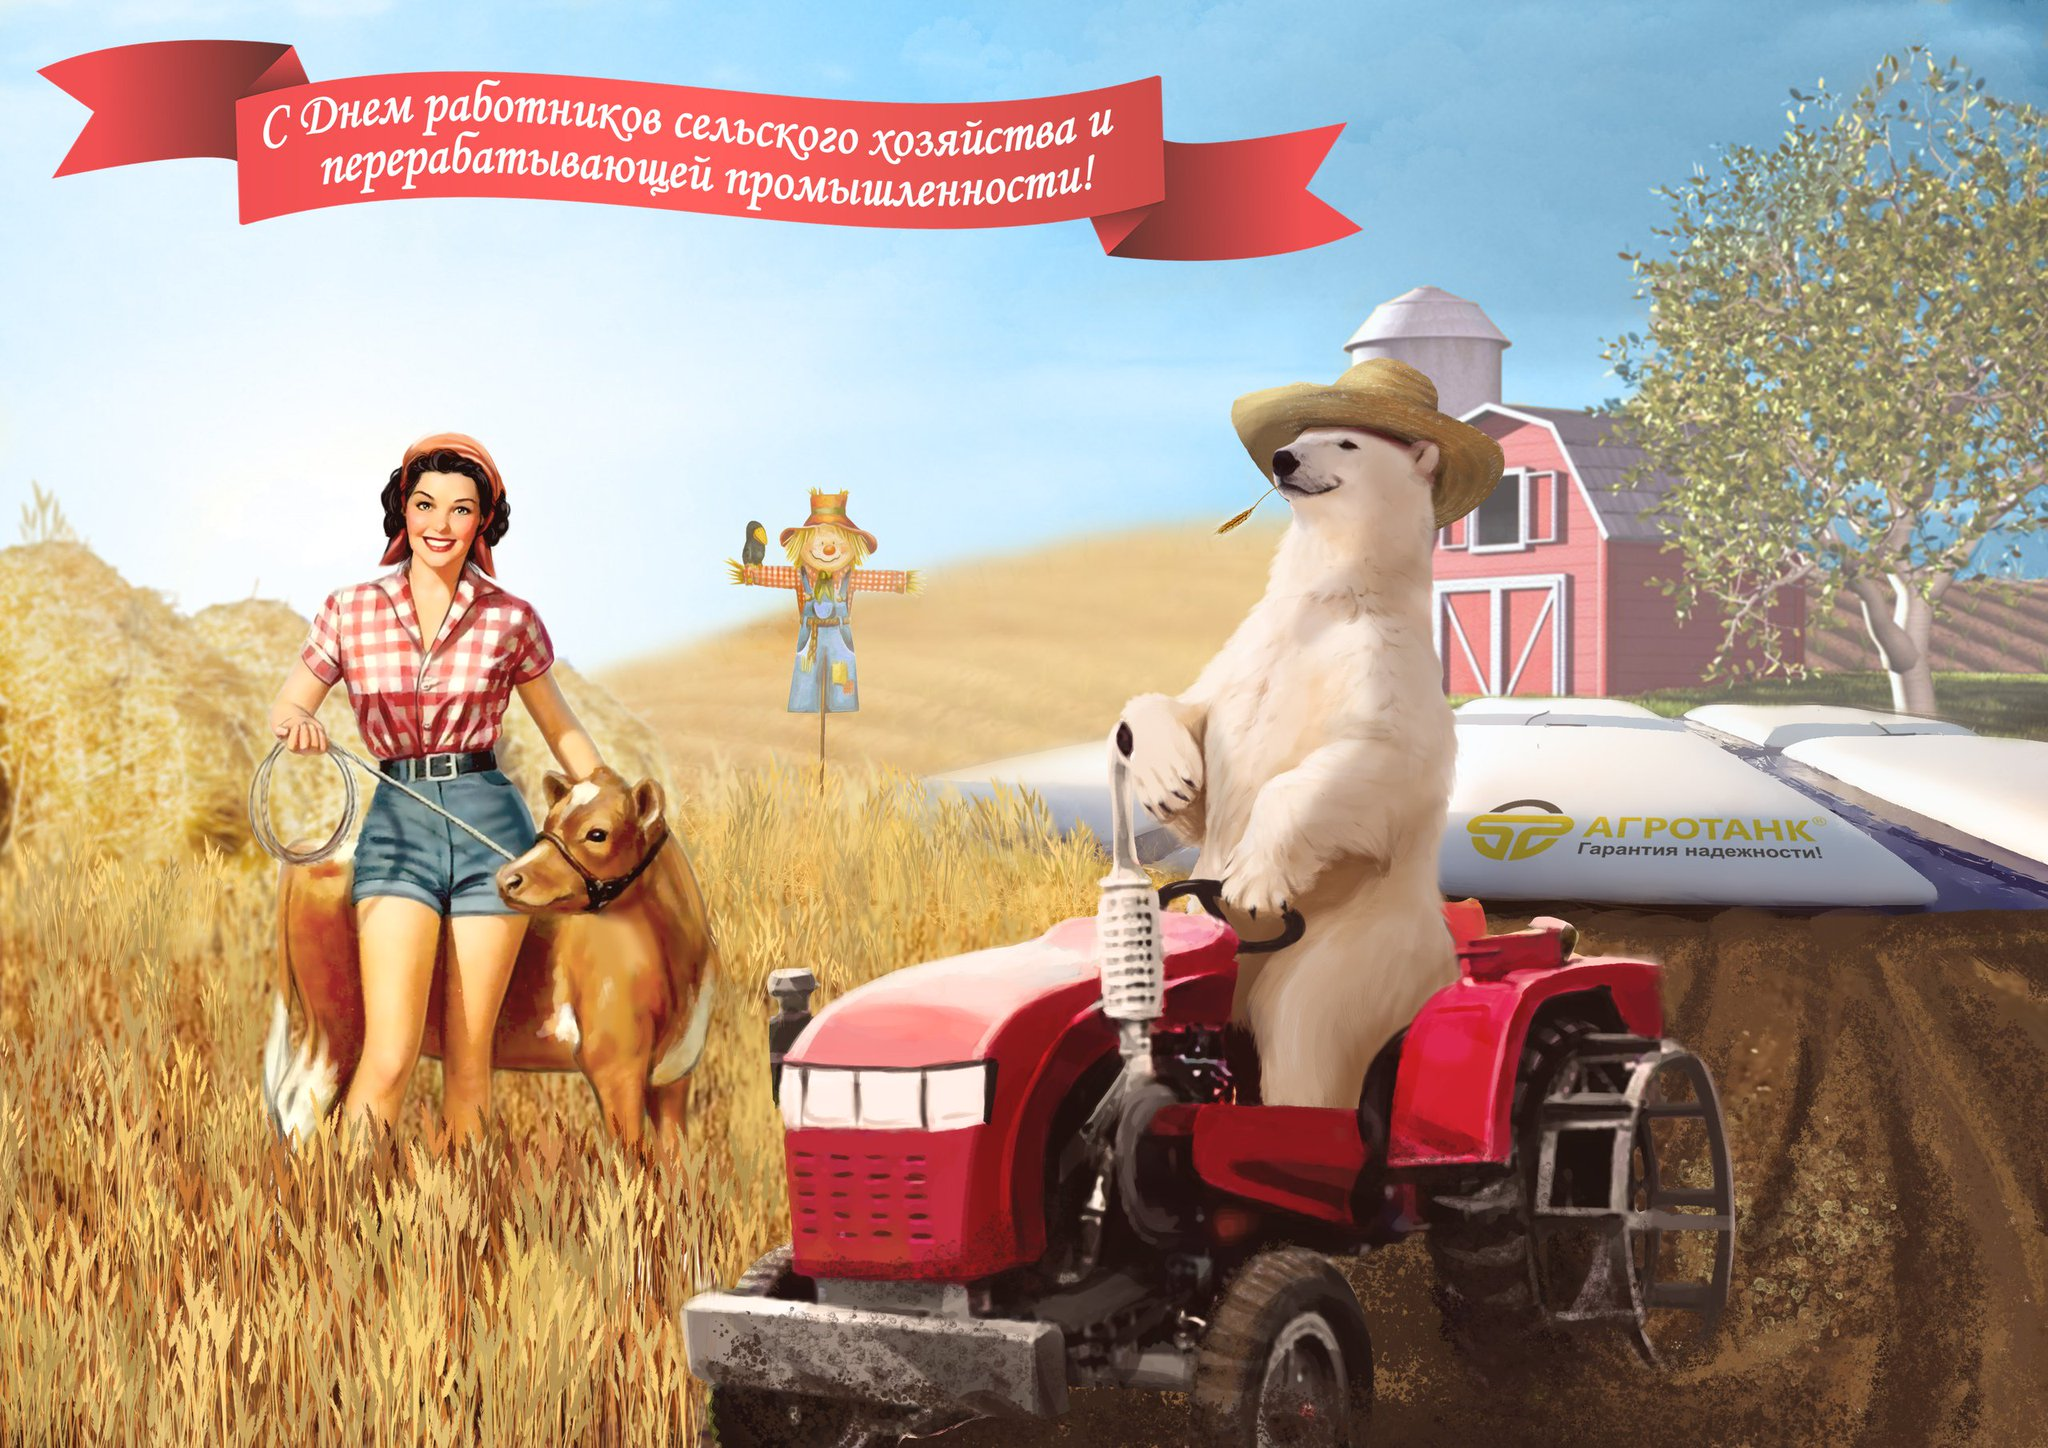 Прикольные картинки с днем сельского хозяйства прошло получаса